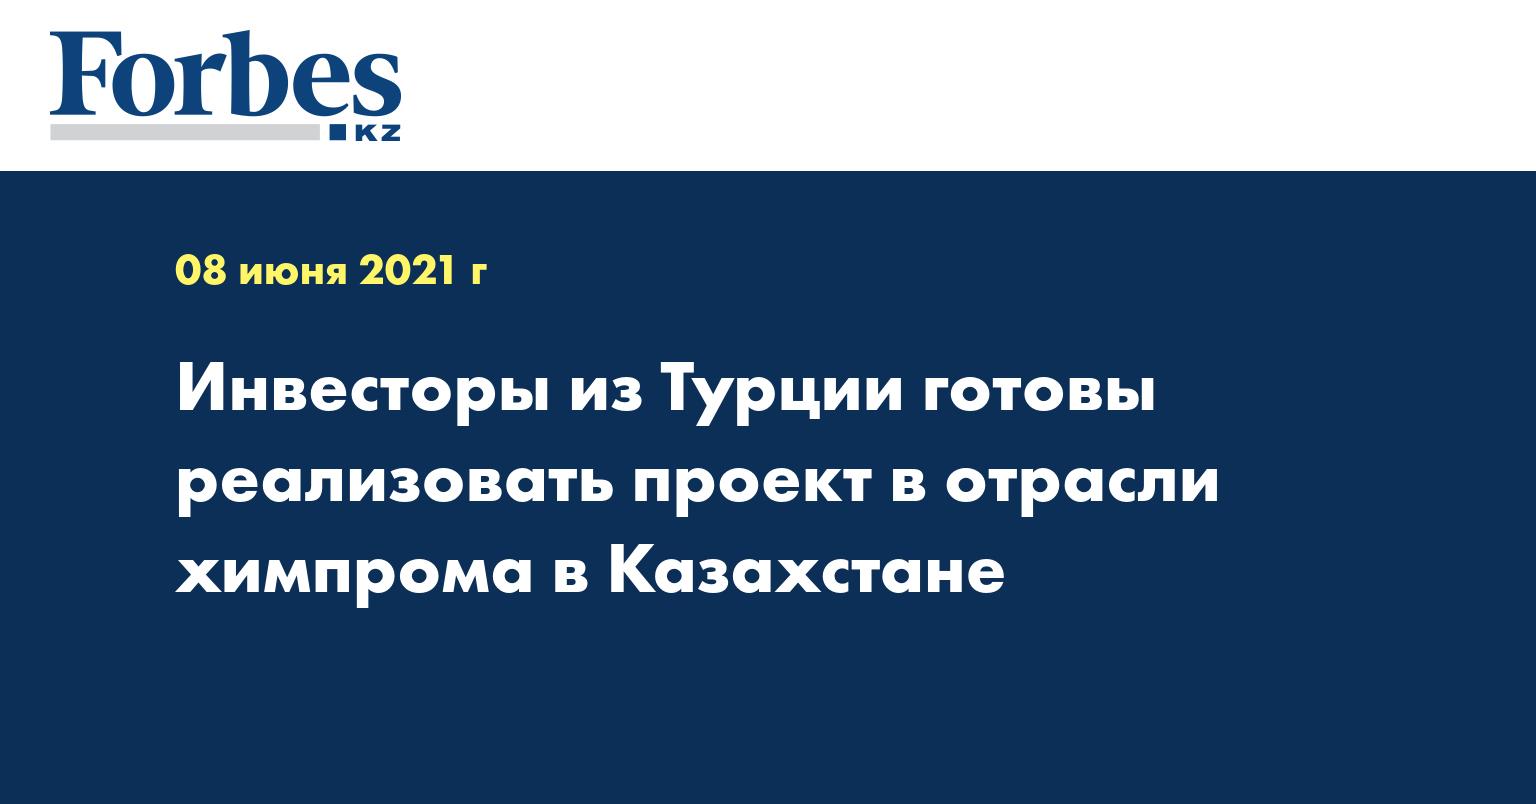 Инвесторы из Турции готовы реализовать проект в отрасли химпрома в Казахстане